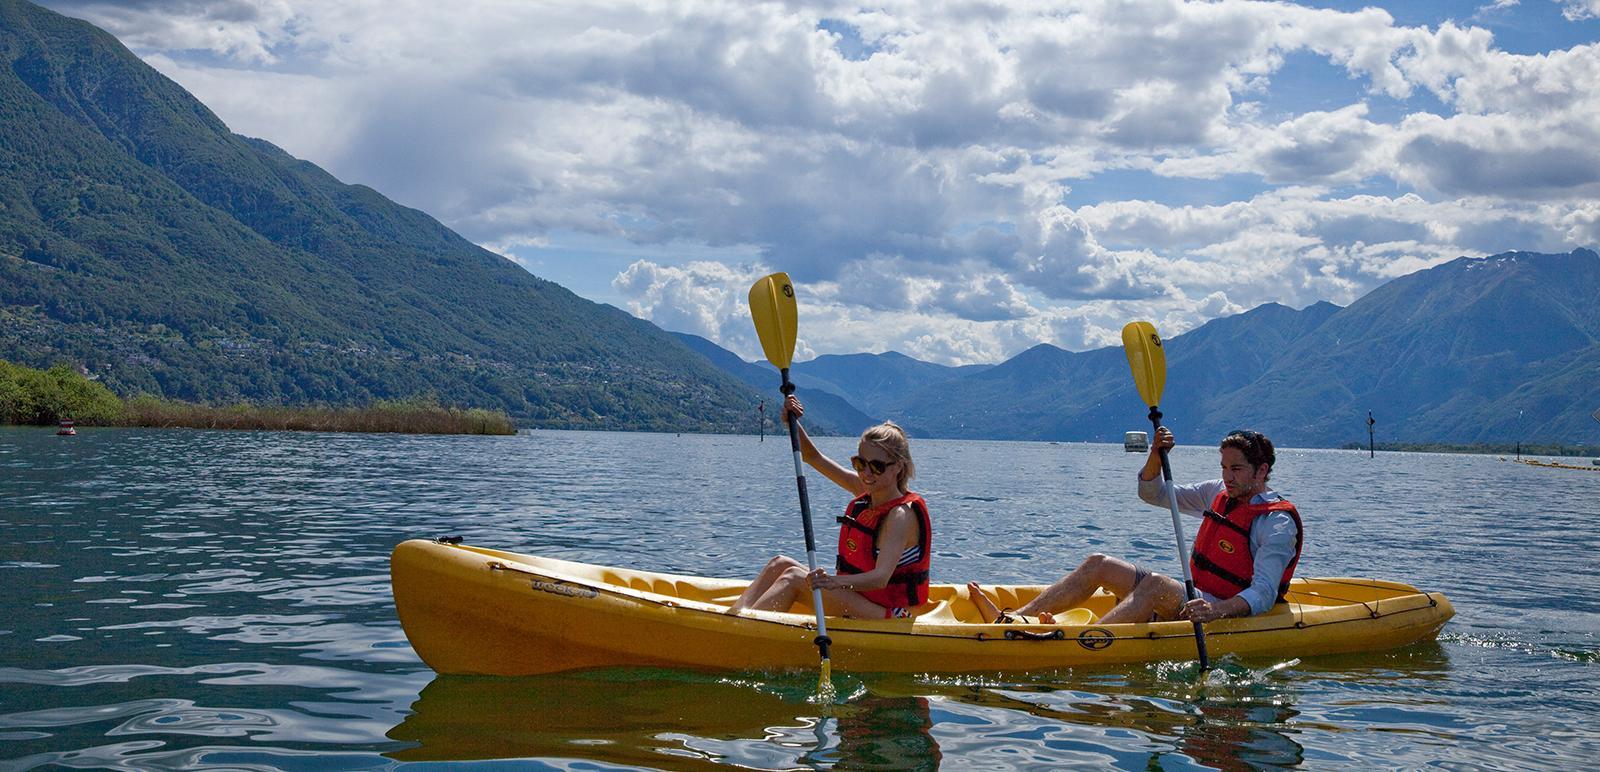 Ein Zweier-Kajak auf dem Lago Maggiore